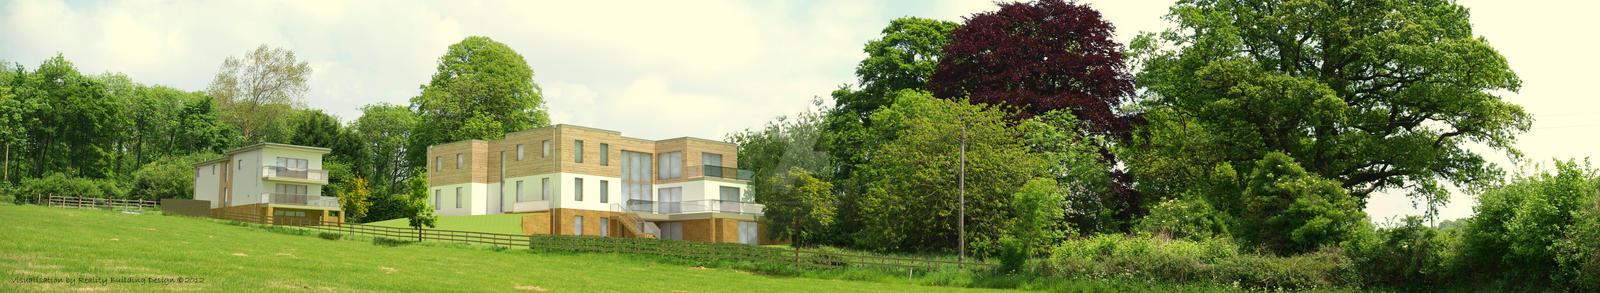 Replacement Dwelling, Somerset